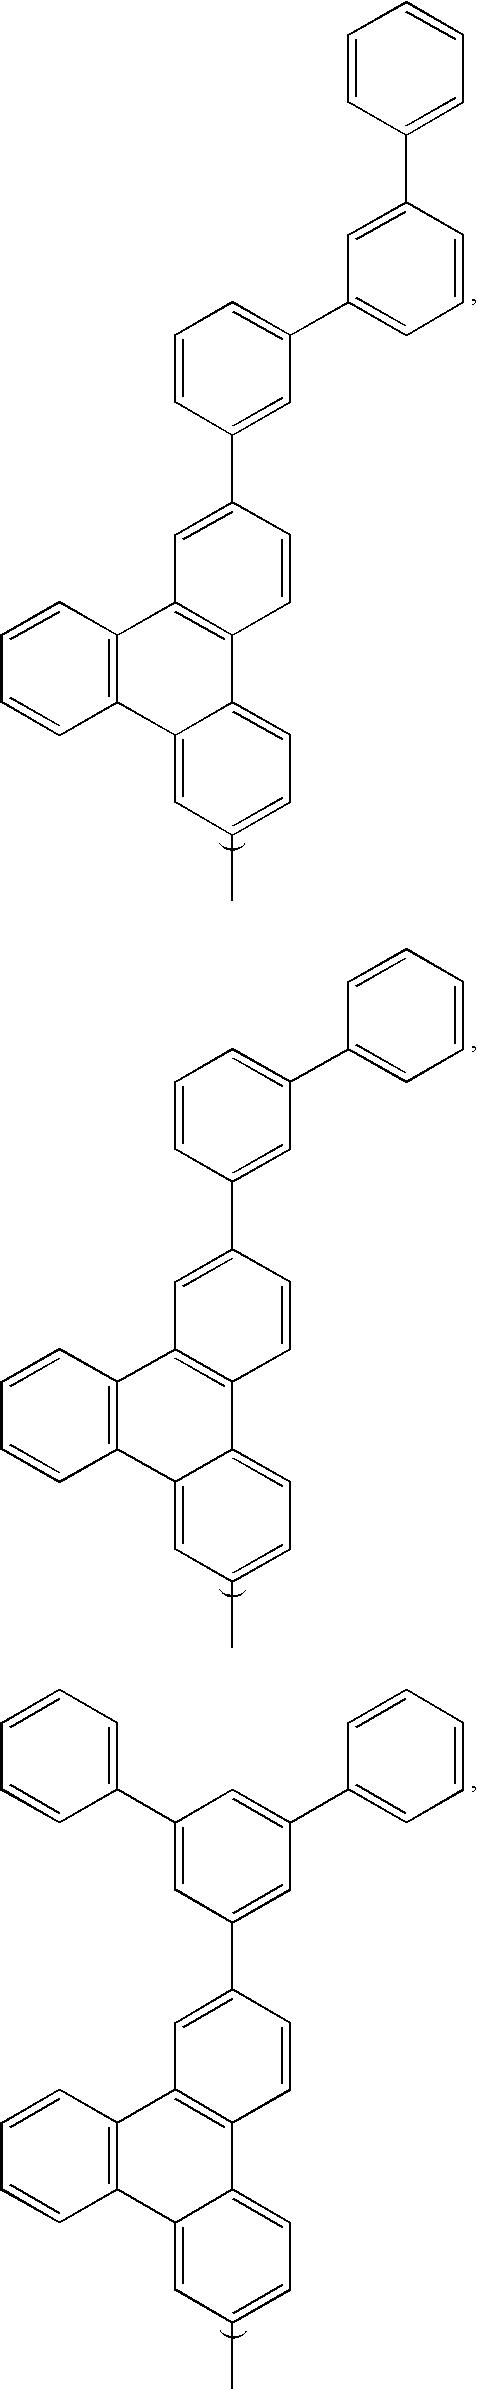 Figure US20080280163A1-20081113-C00009